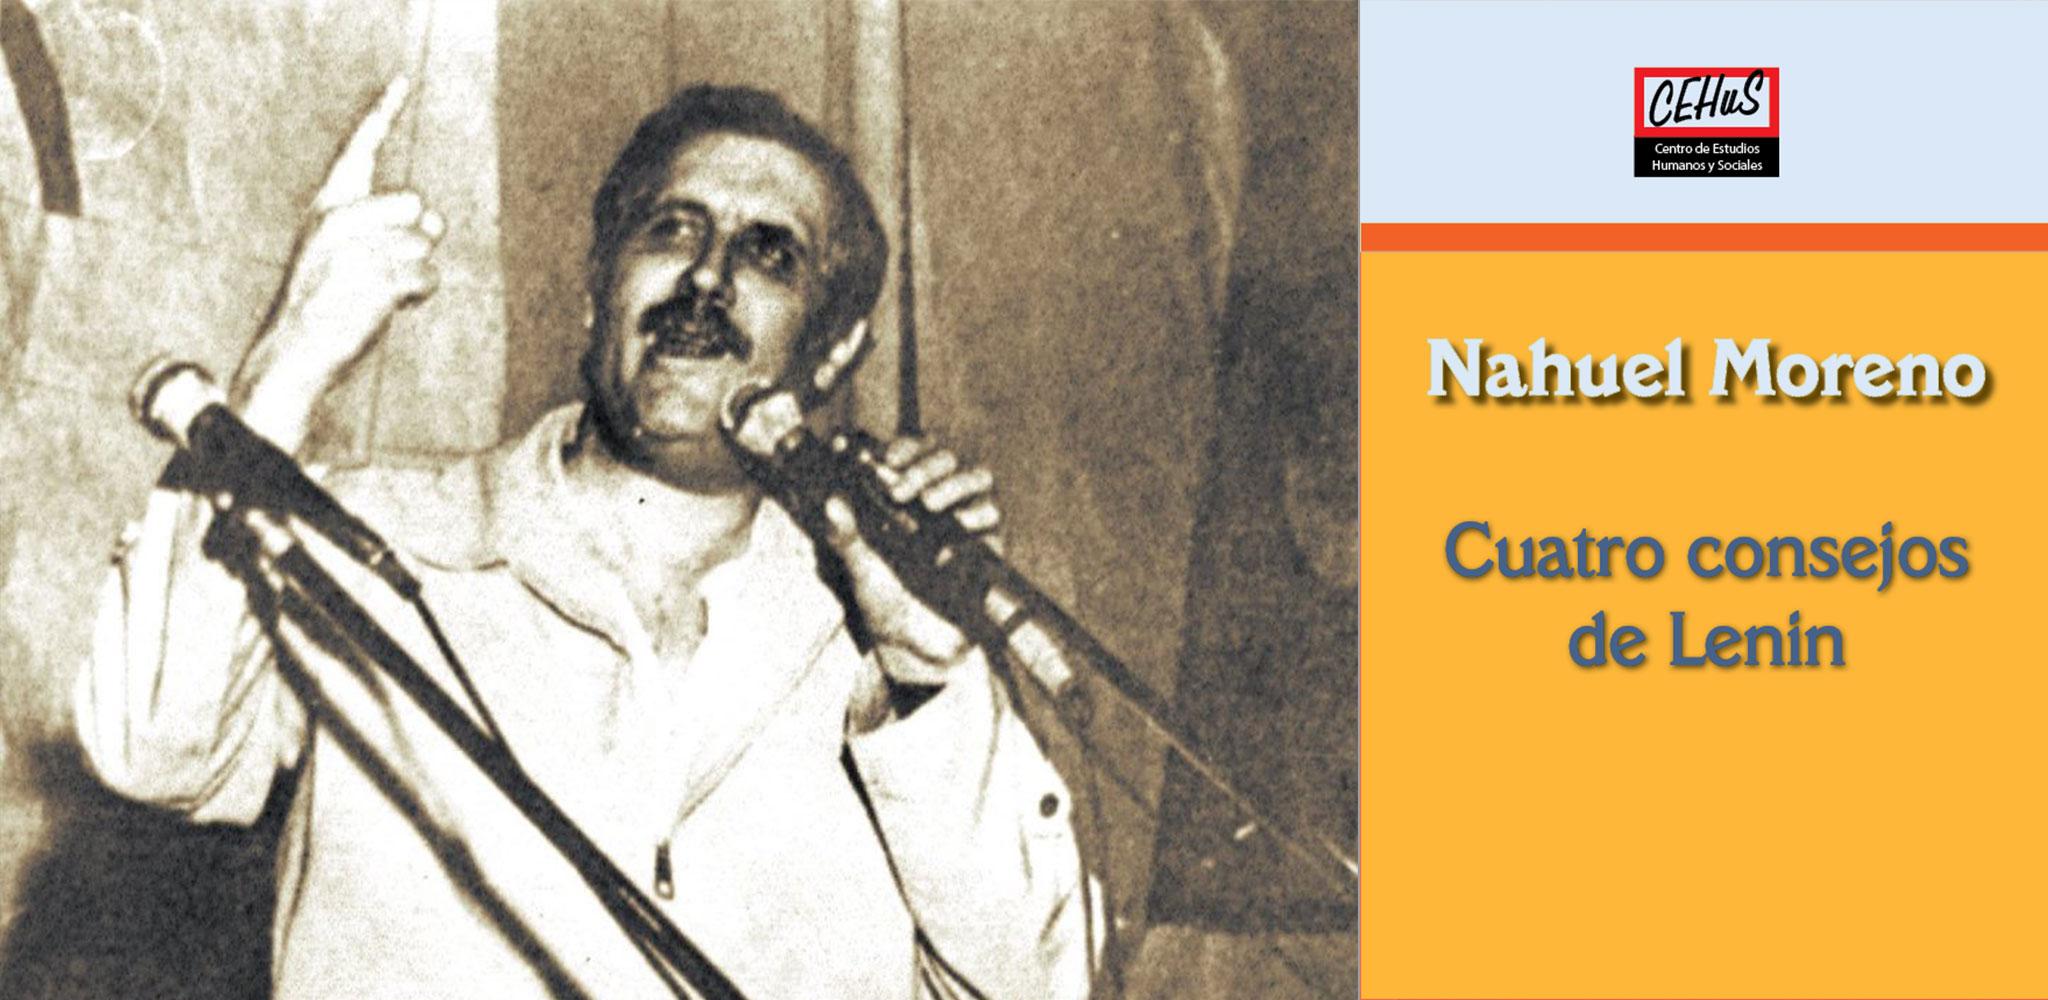 CUATRO CONSEJOS DE LENIN (1986)